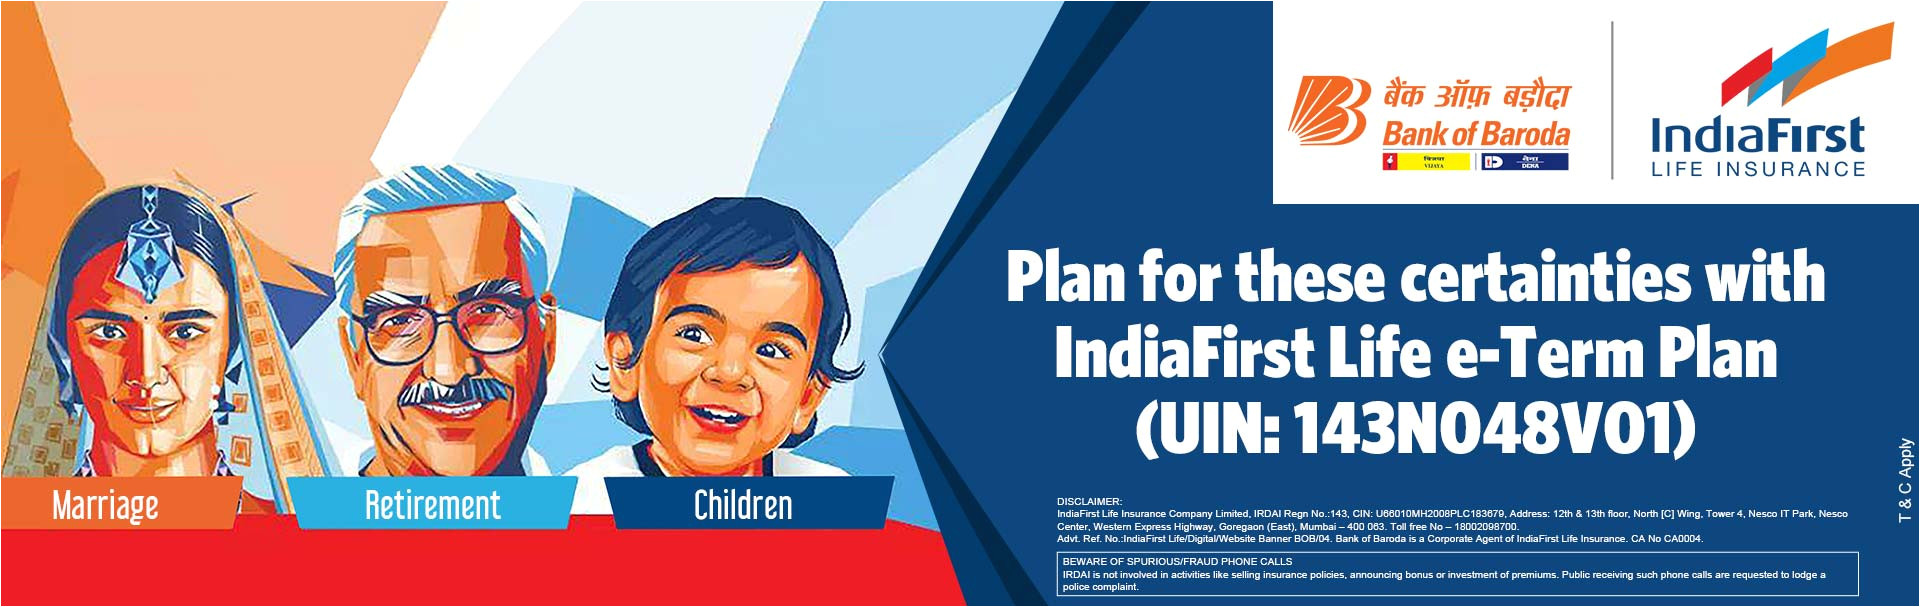 873 1 indiafirst life insurance landing desktop jpg